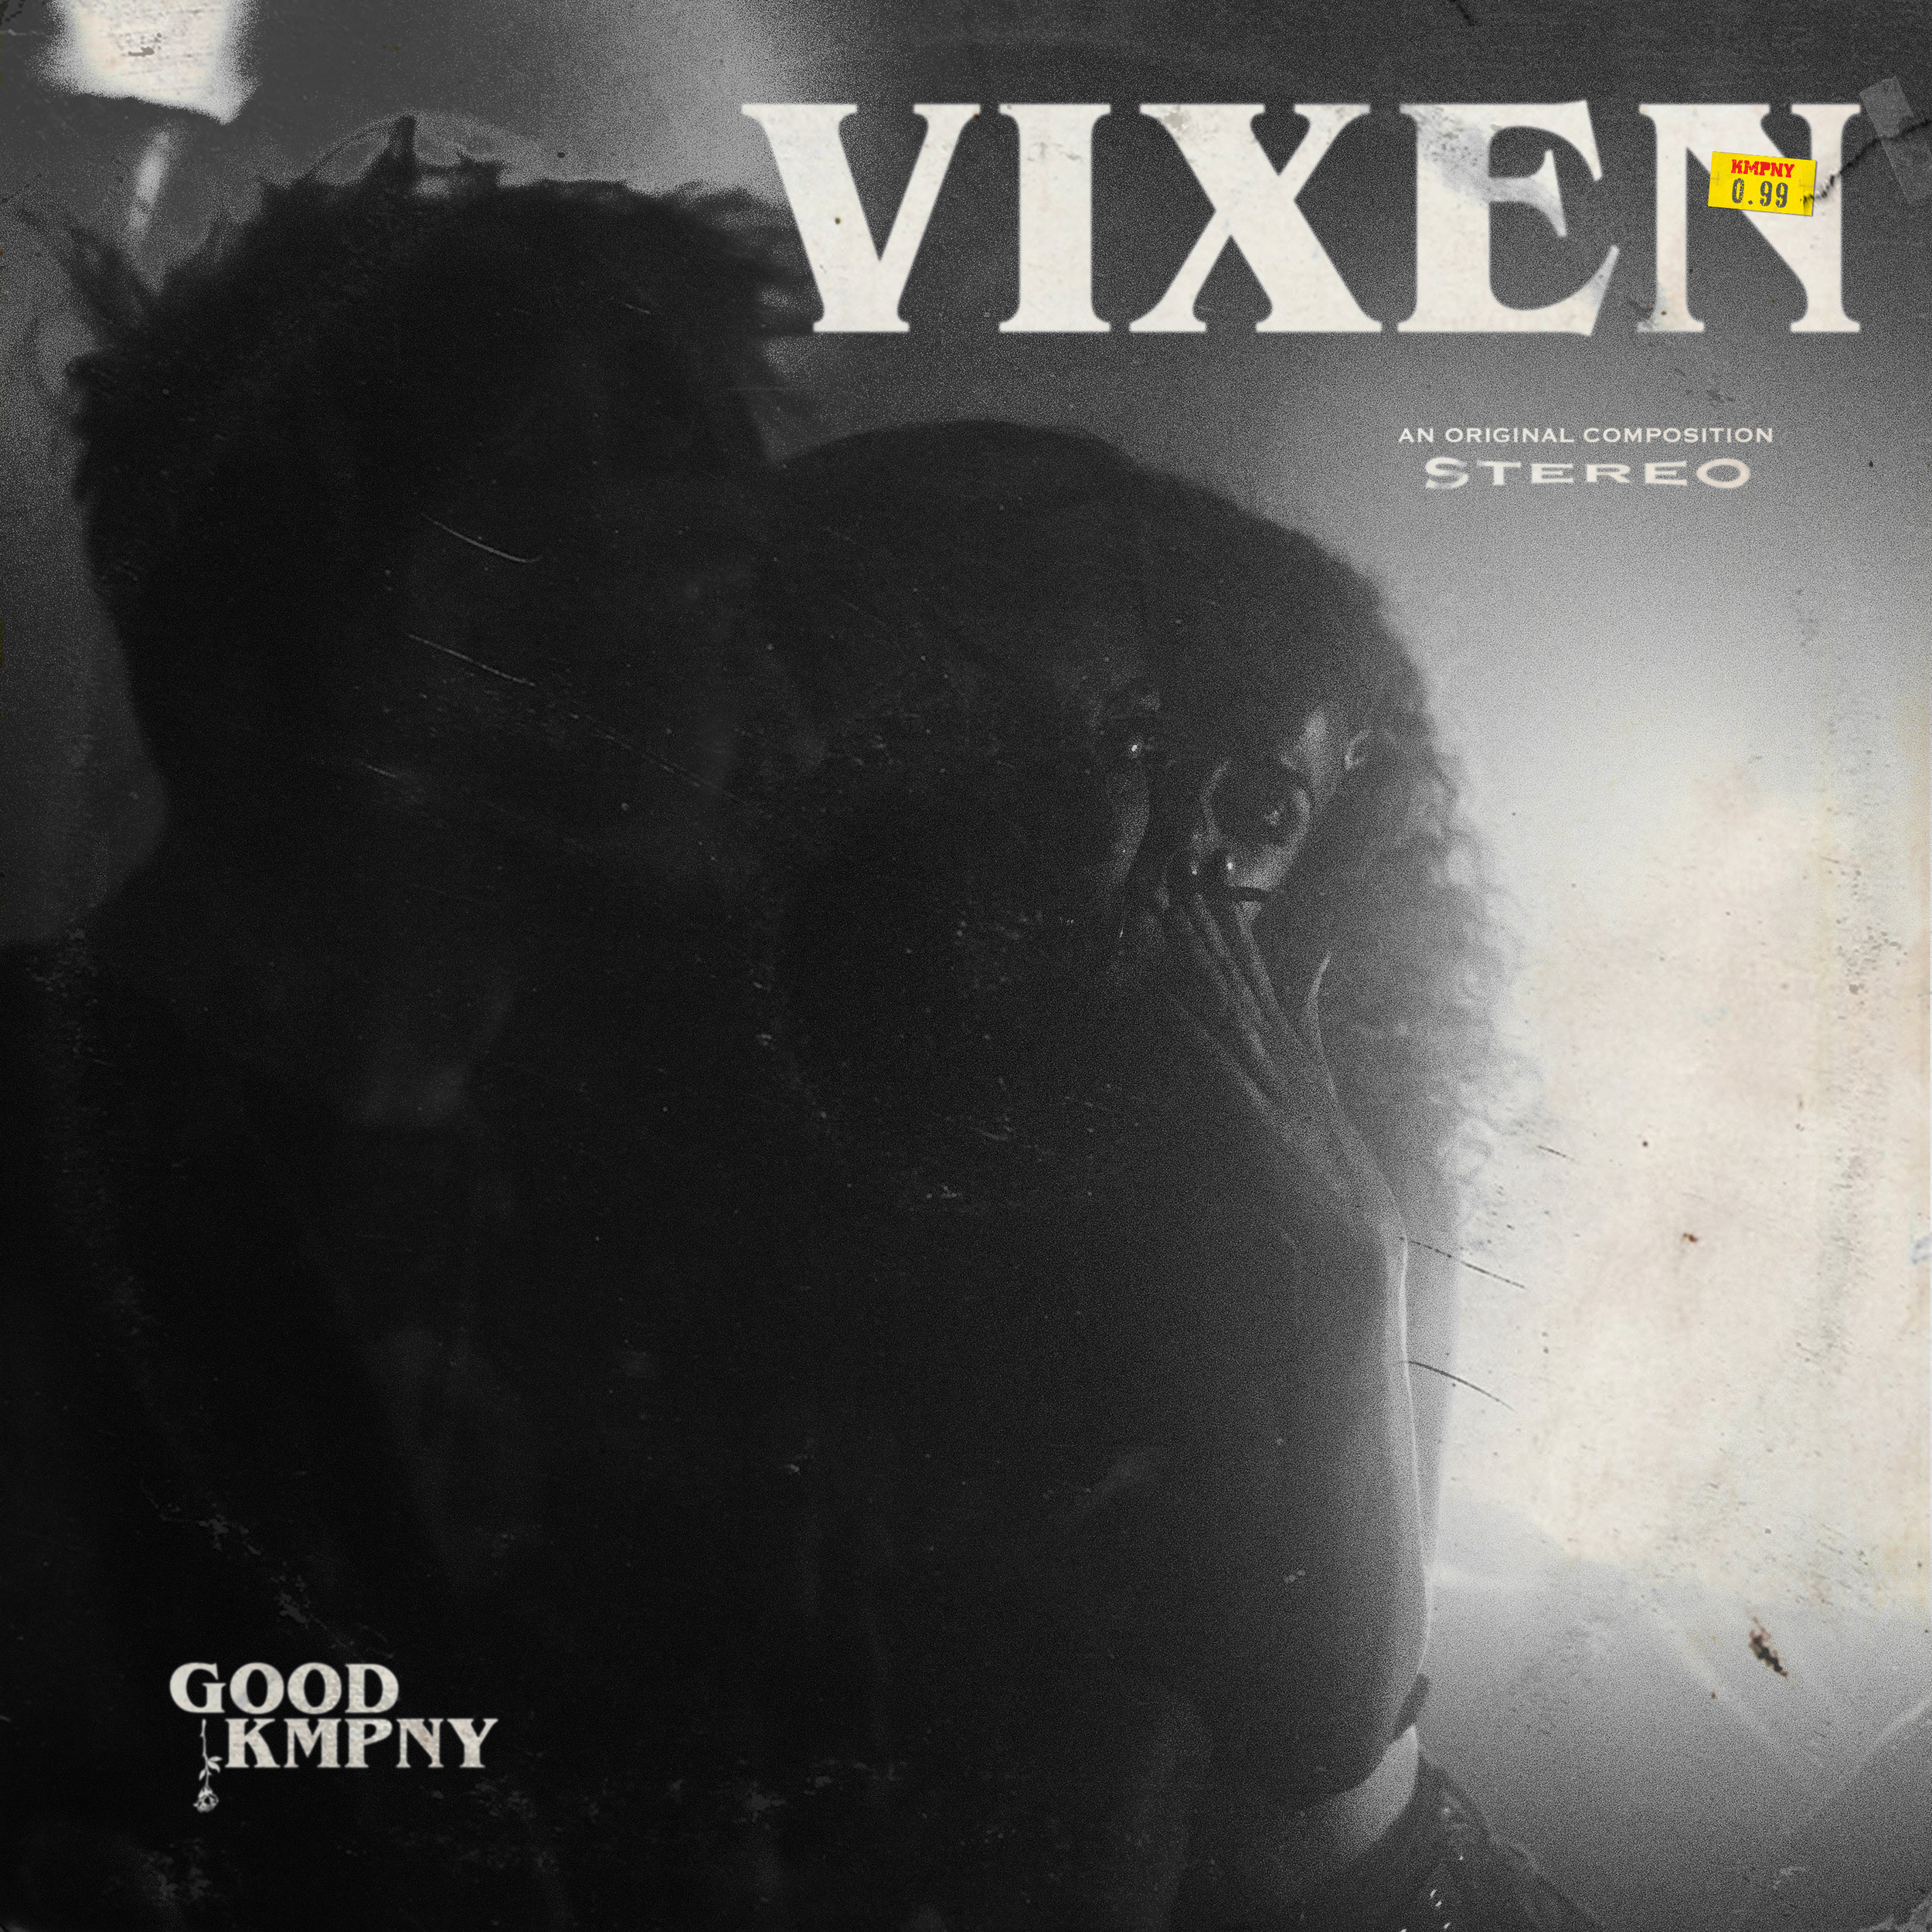 Kmpny - Vixen (Artwork).jpg